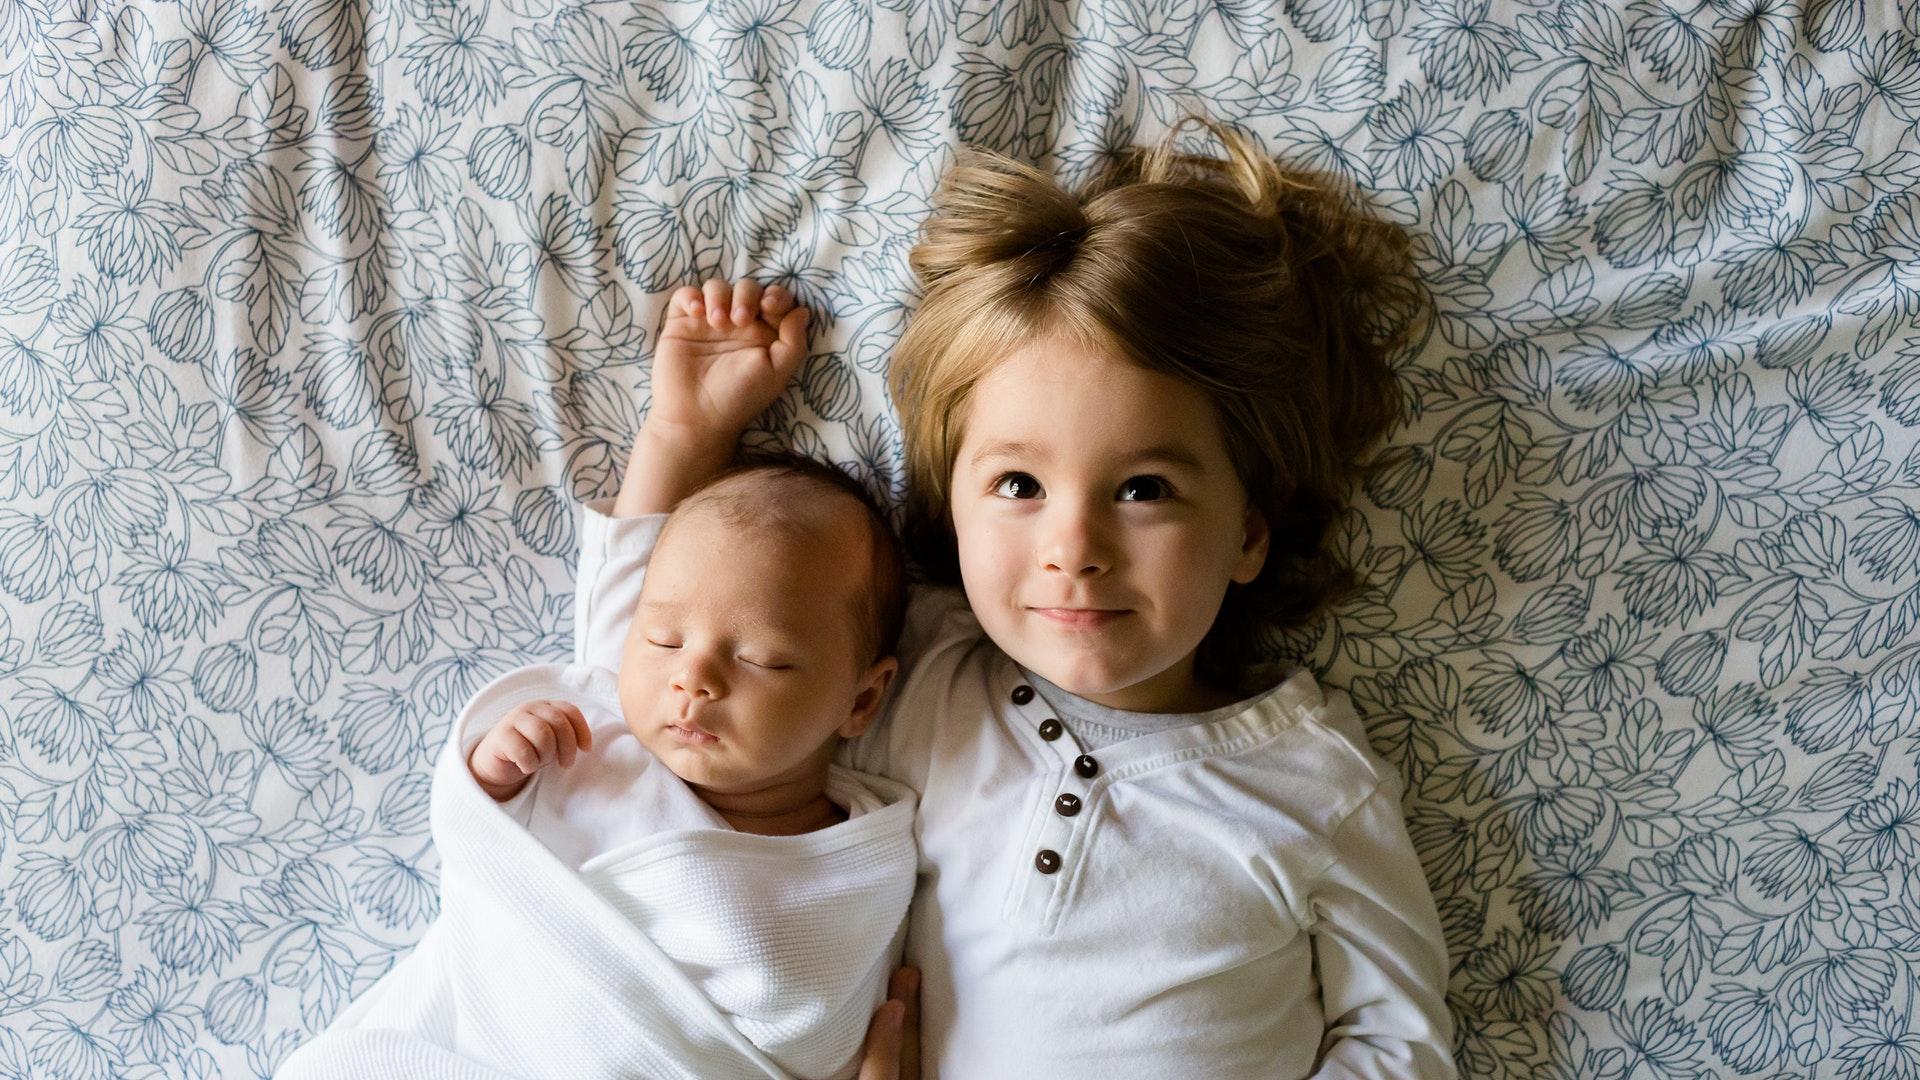 testvérek, kisbabák, gyerekek